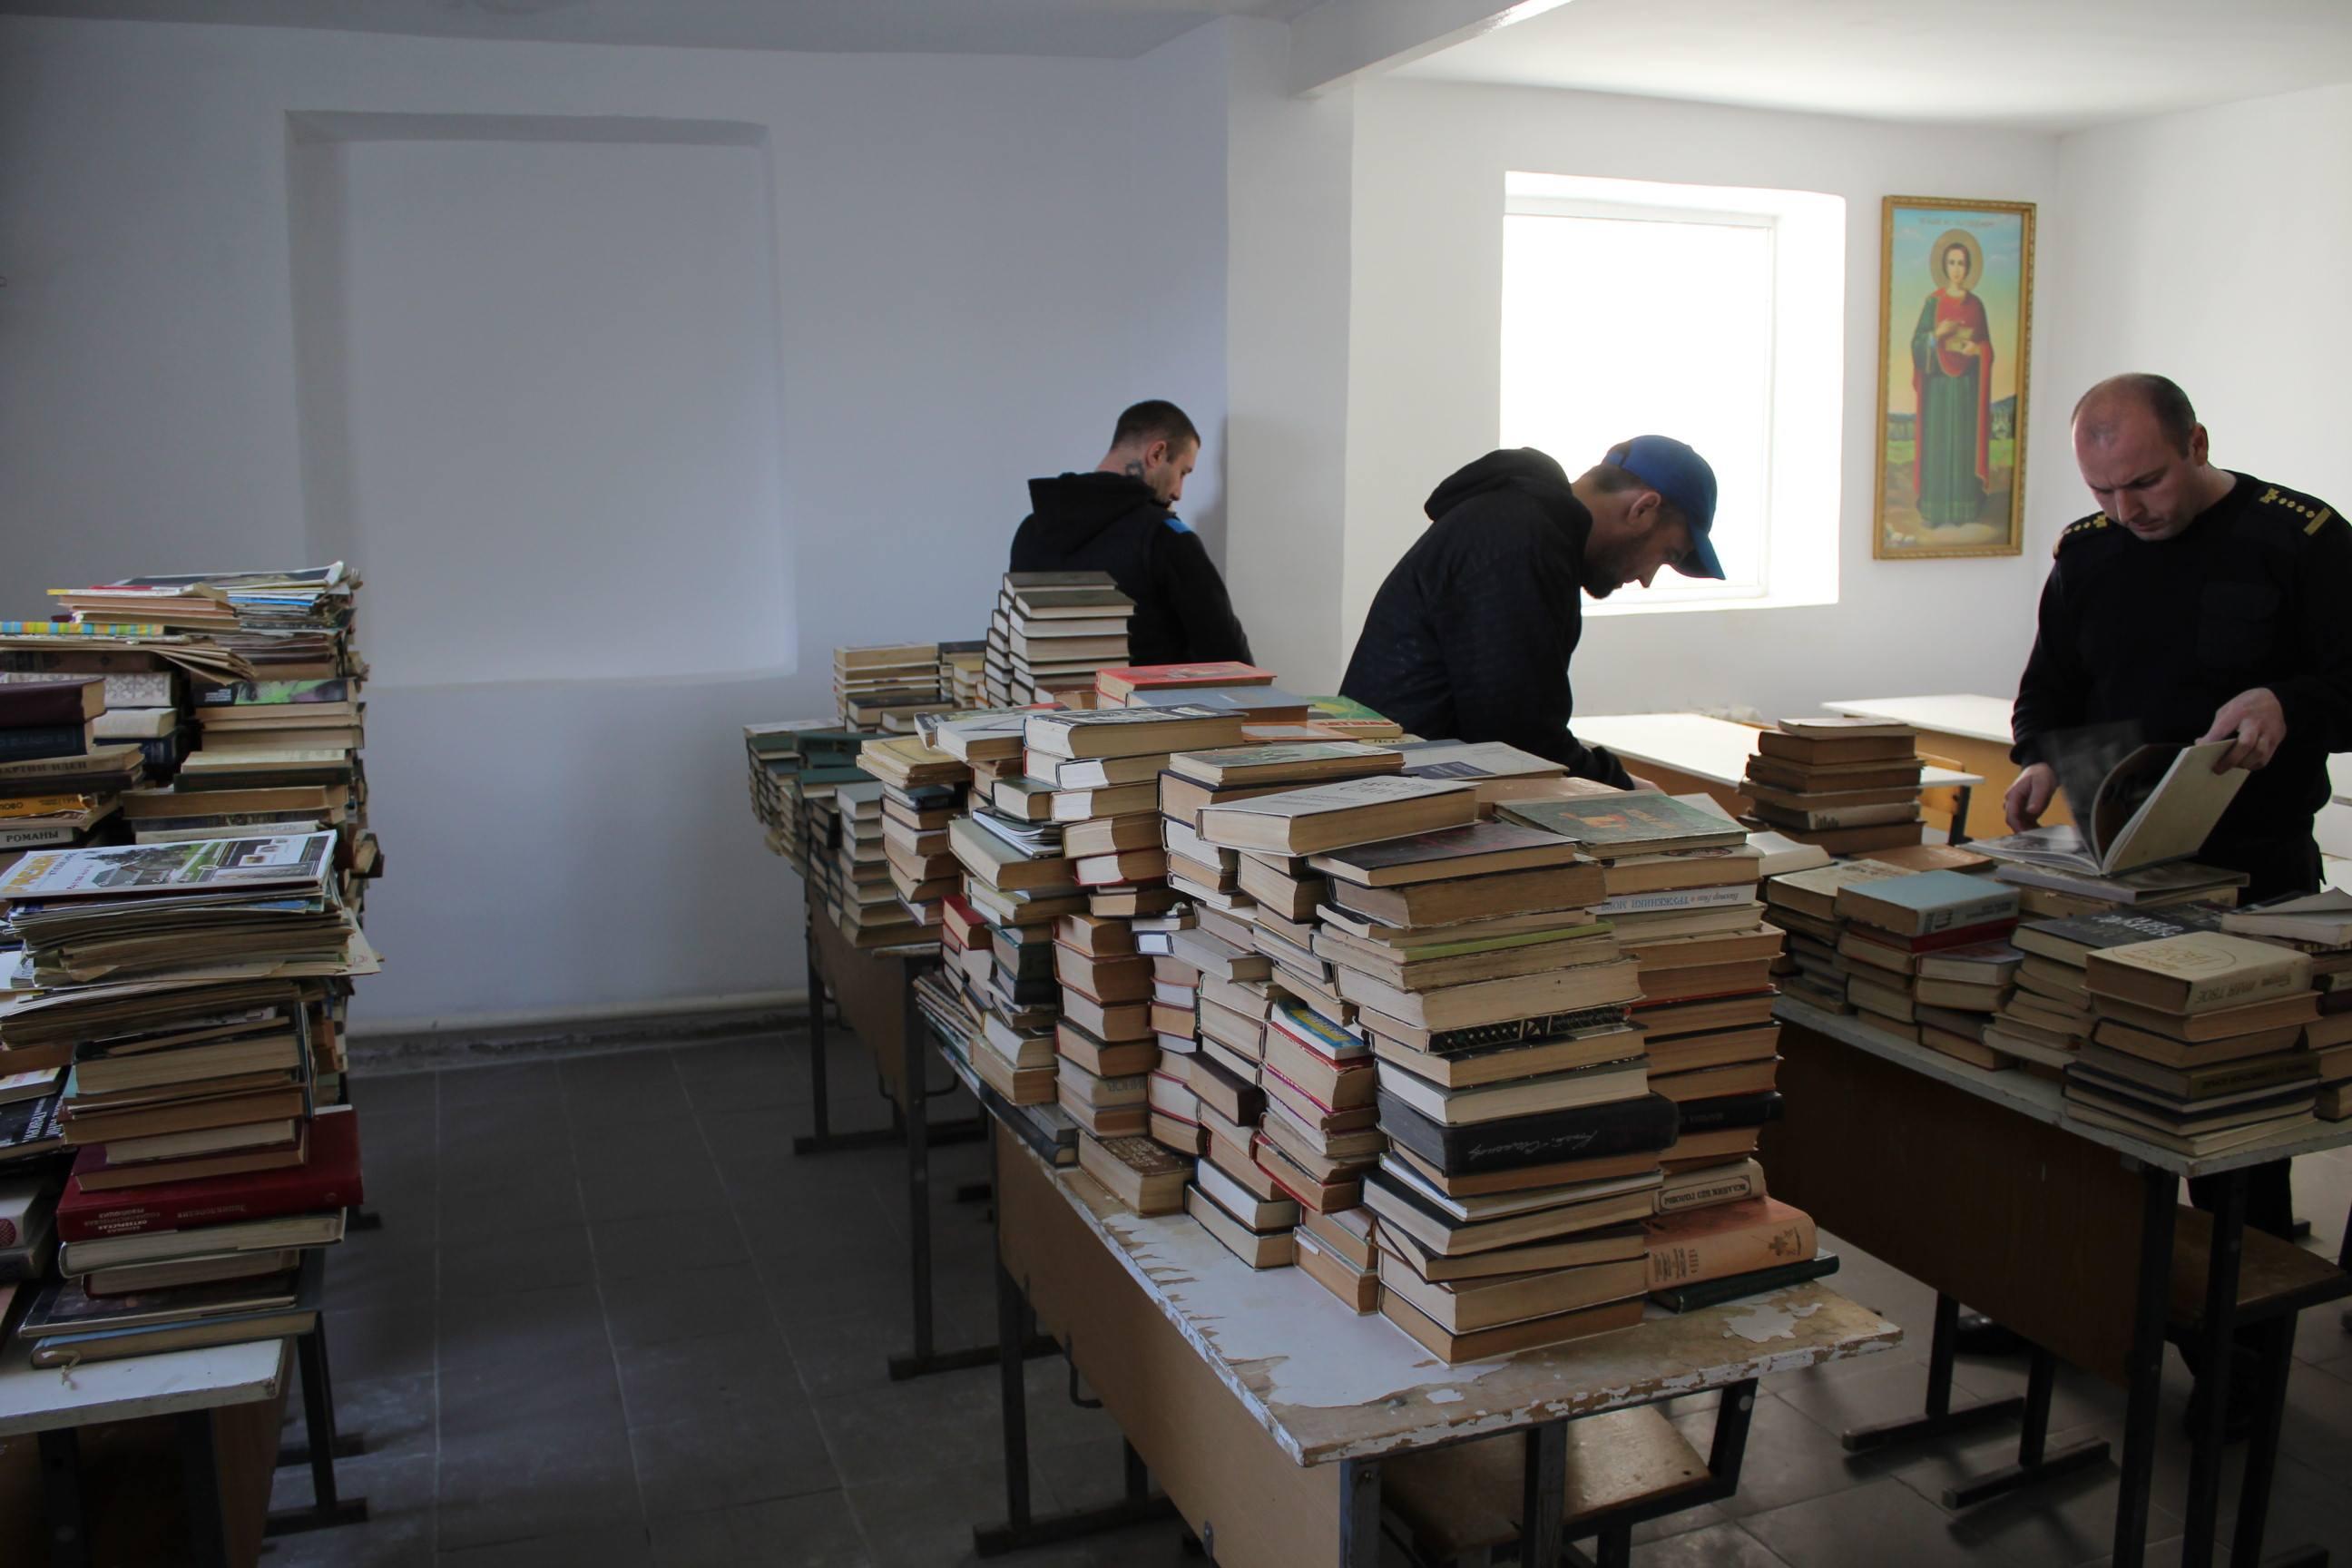 Un fost șef de instituție penitenciară a donat 2 000 de cărți pentru deținuții din raionul Orhei